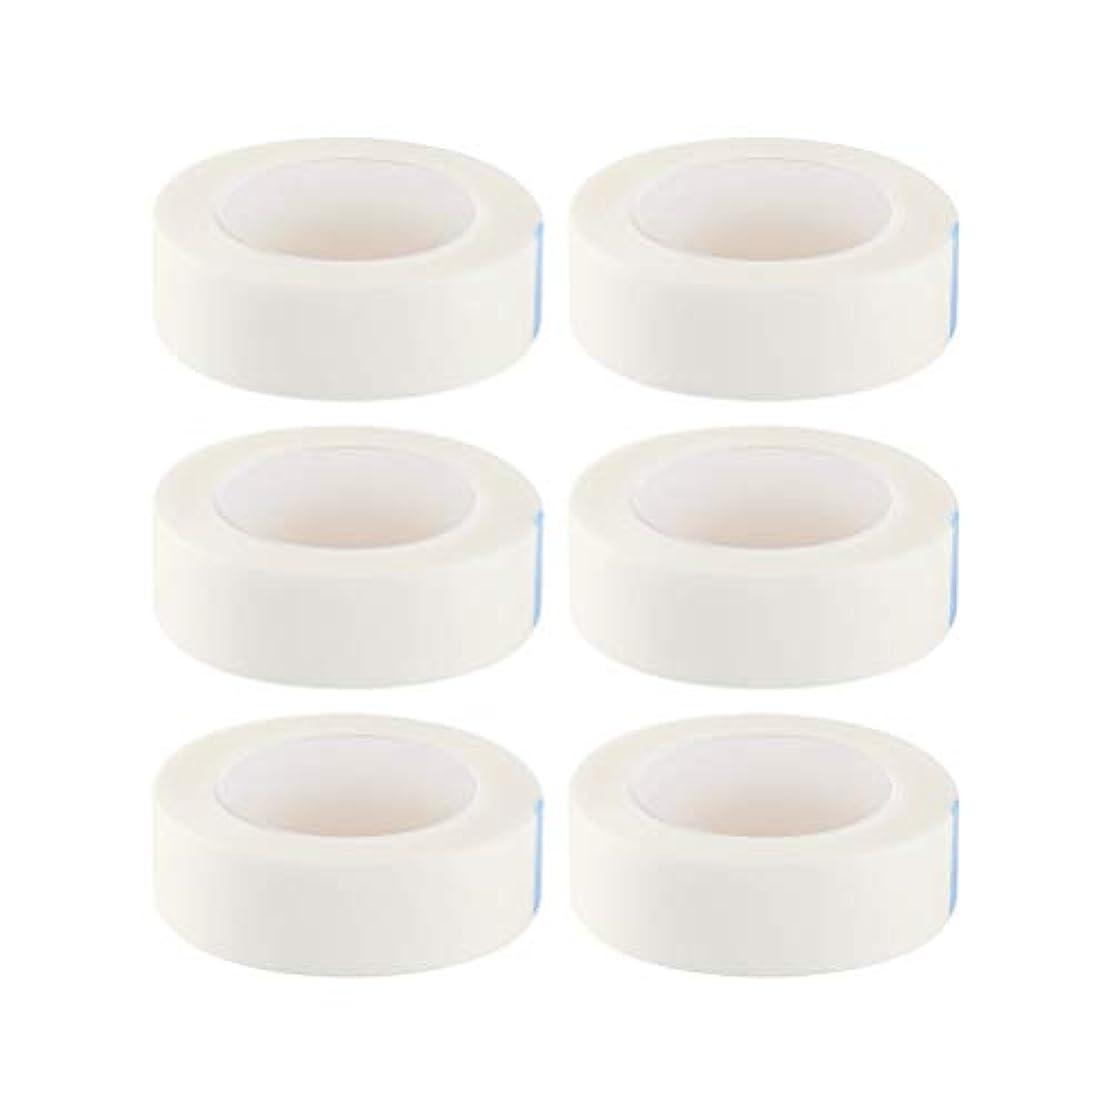 合計コメンテーター輝くHealifty 12ロール まつげテープ まつげエクステ 不織布テープ 接着ステッカー  睫毛 エクステンション